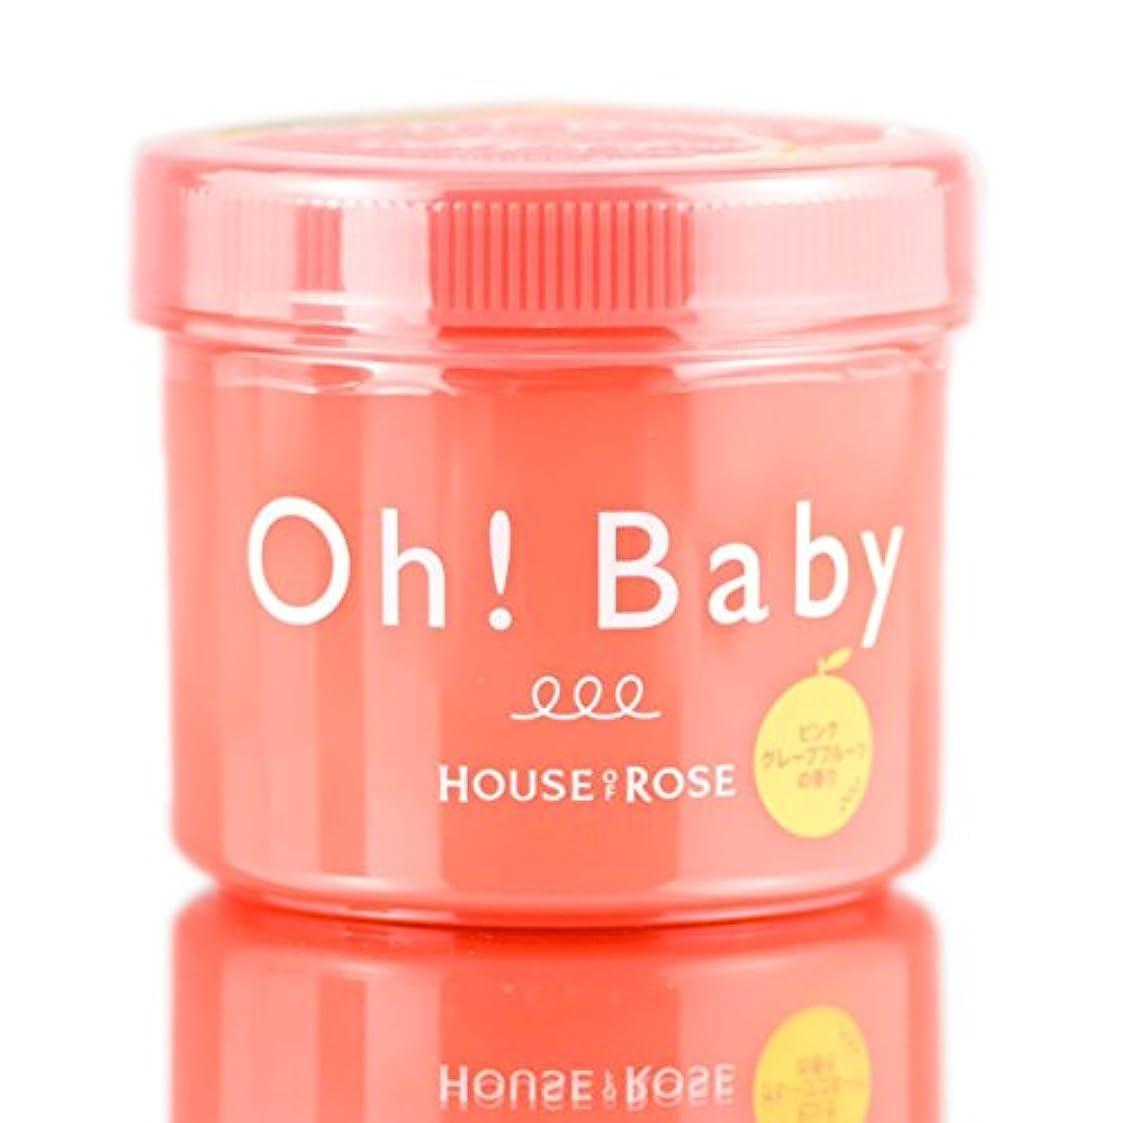 居住者すばらしいです葉っぱ【期間限定】HOUSE OF ROSE ハウス オブ ローゼ Oh! Baby ボディ スムーザー PGF (ピンクグレープフルーツの香り) 350g